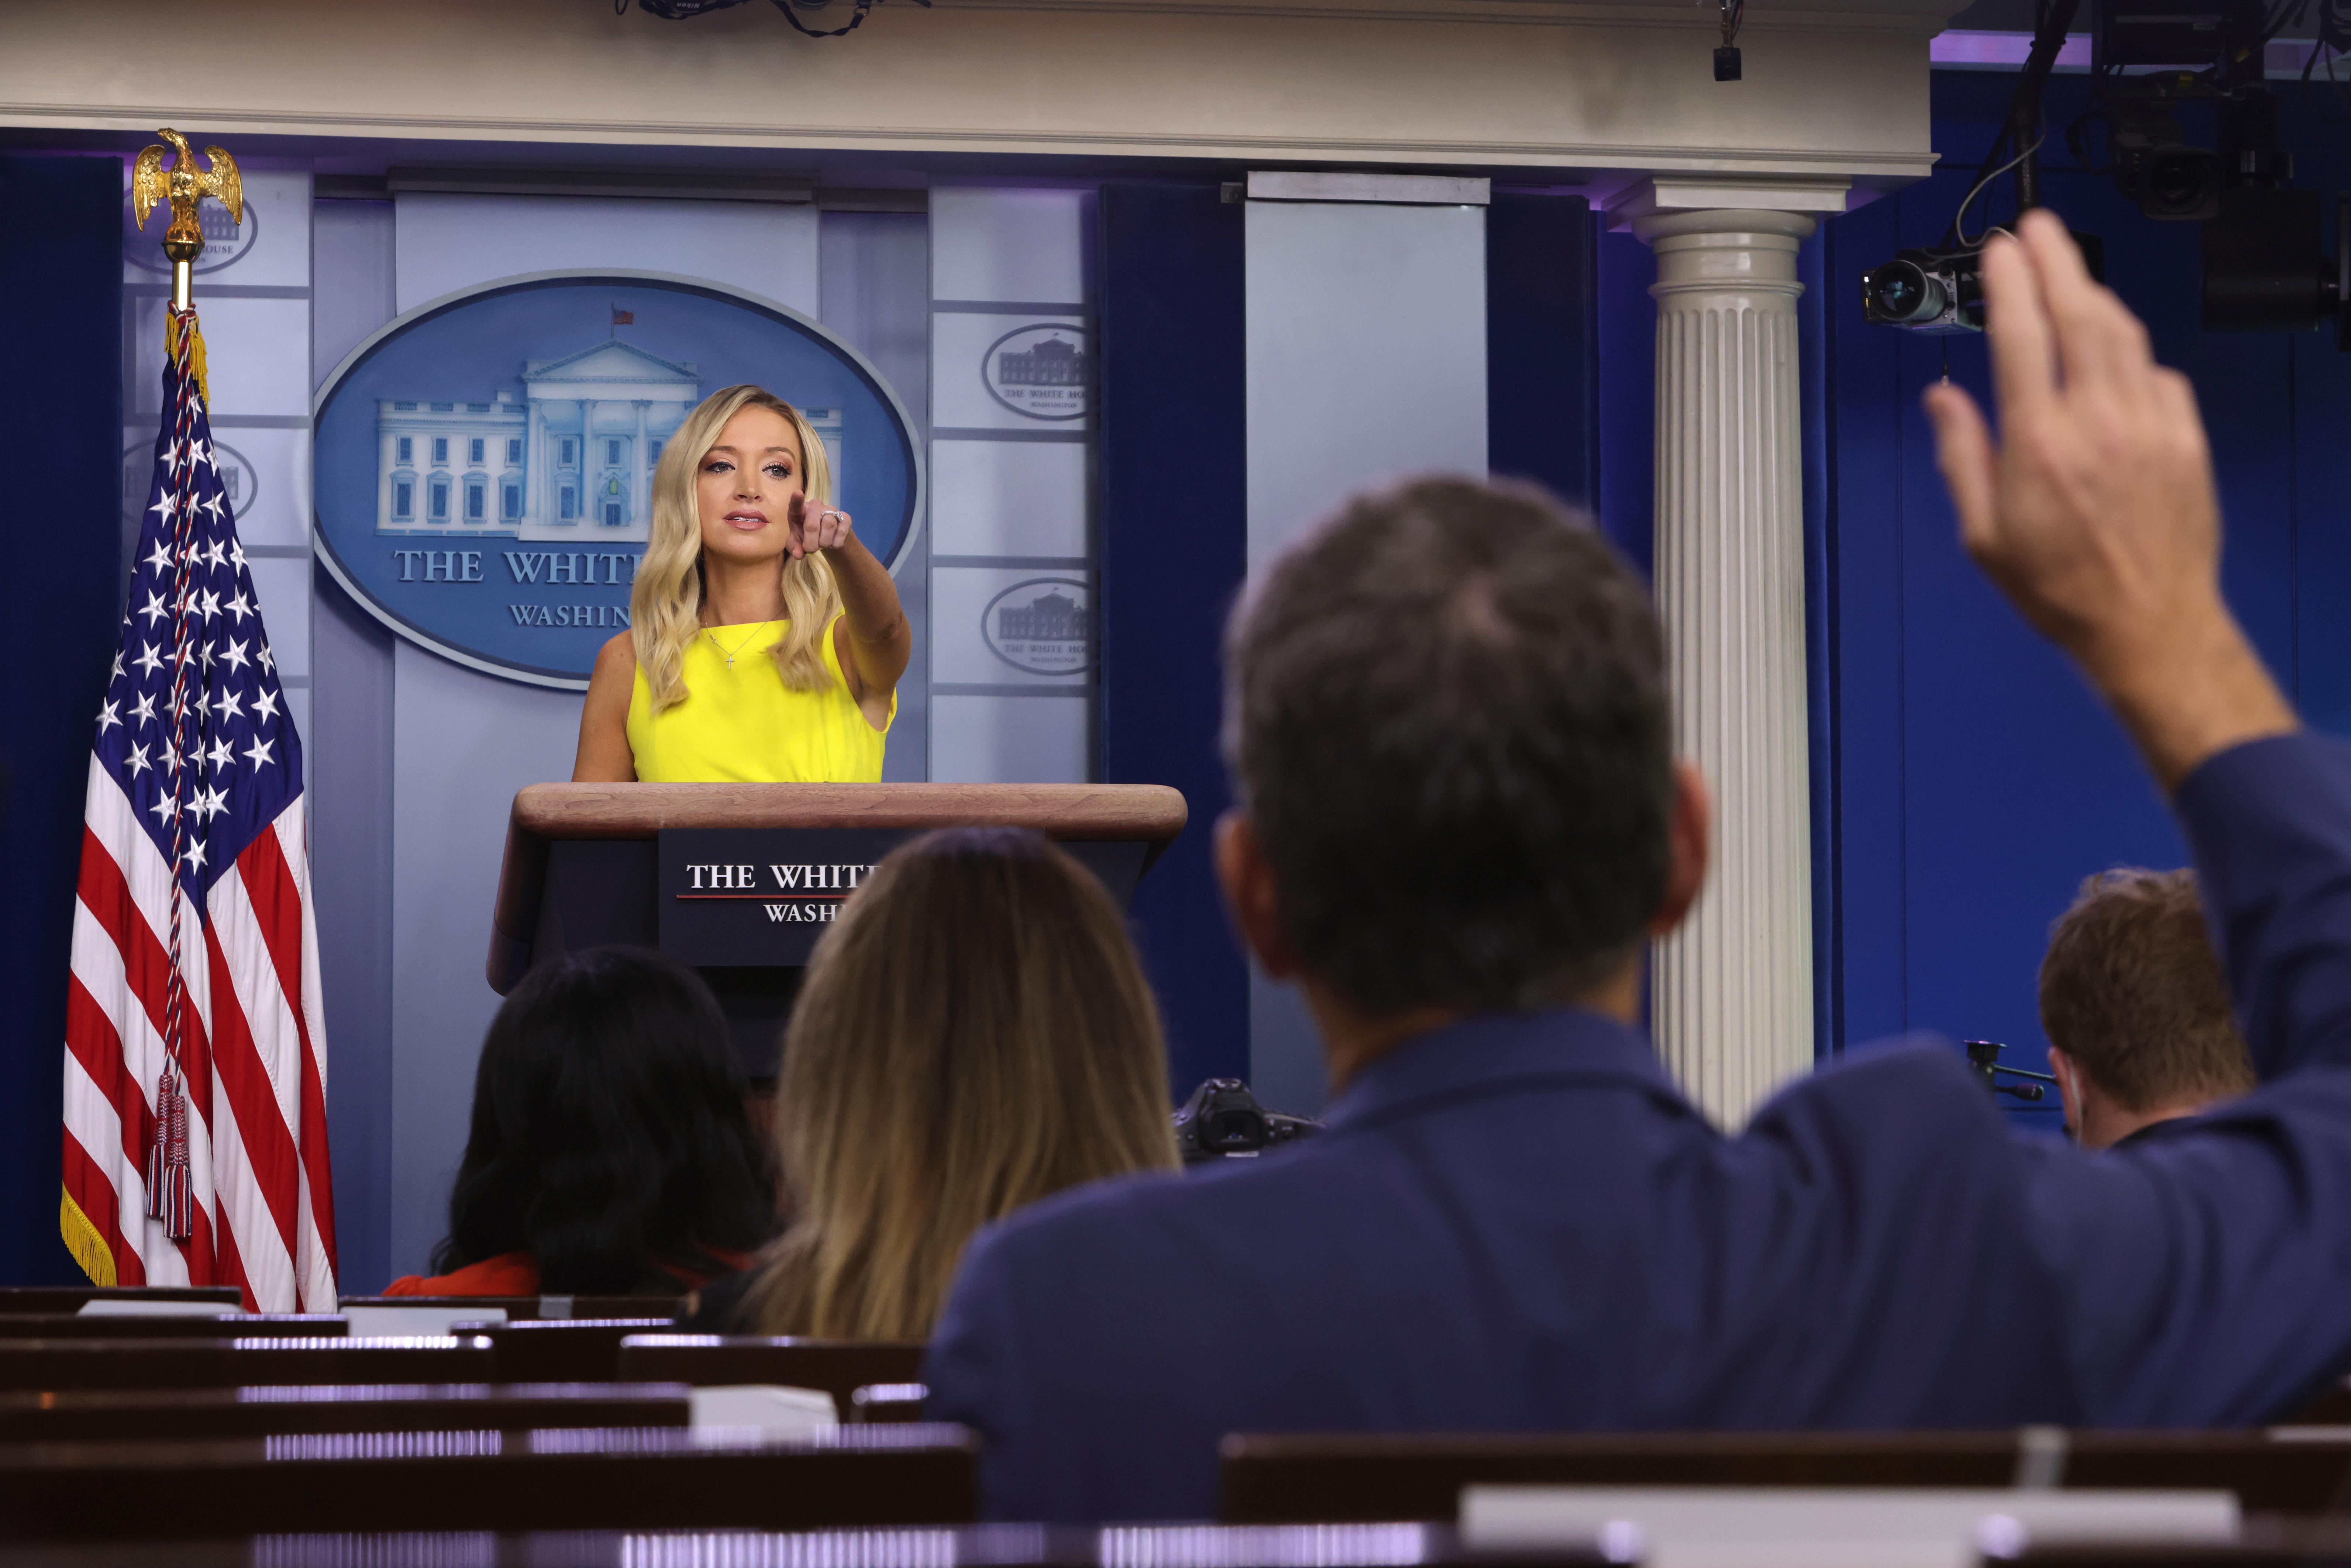 回應中共制裁美國人 白宮:總統將繼續強硬